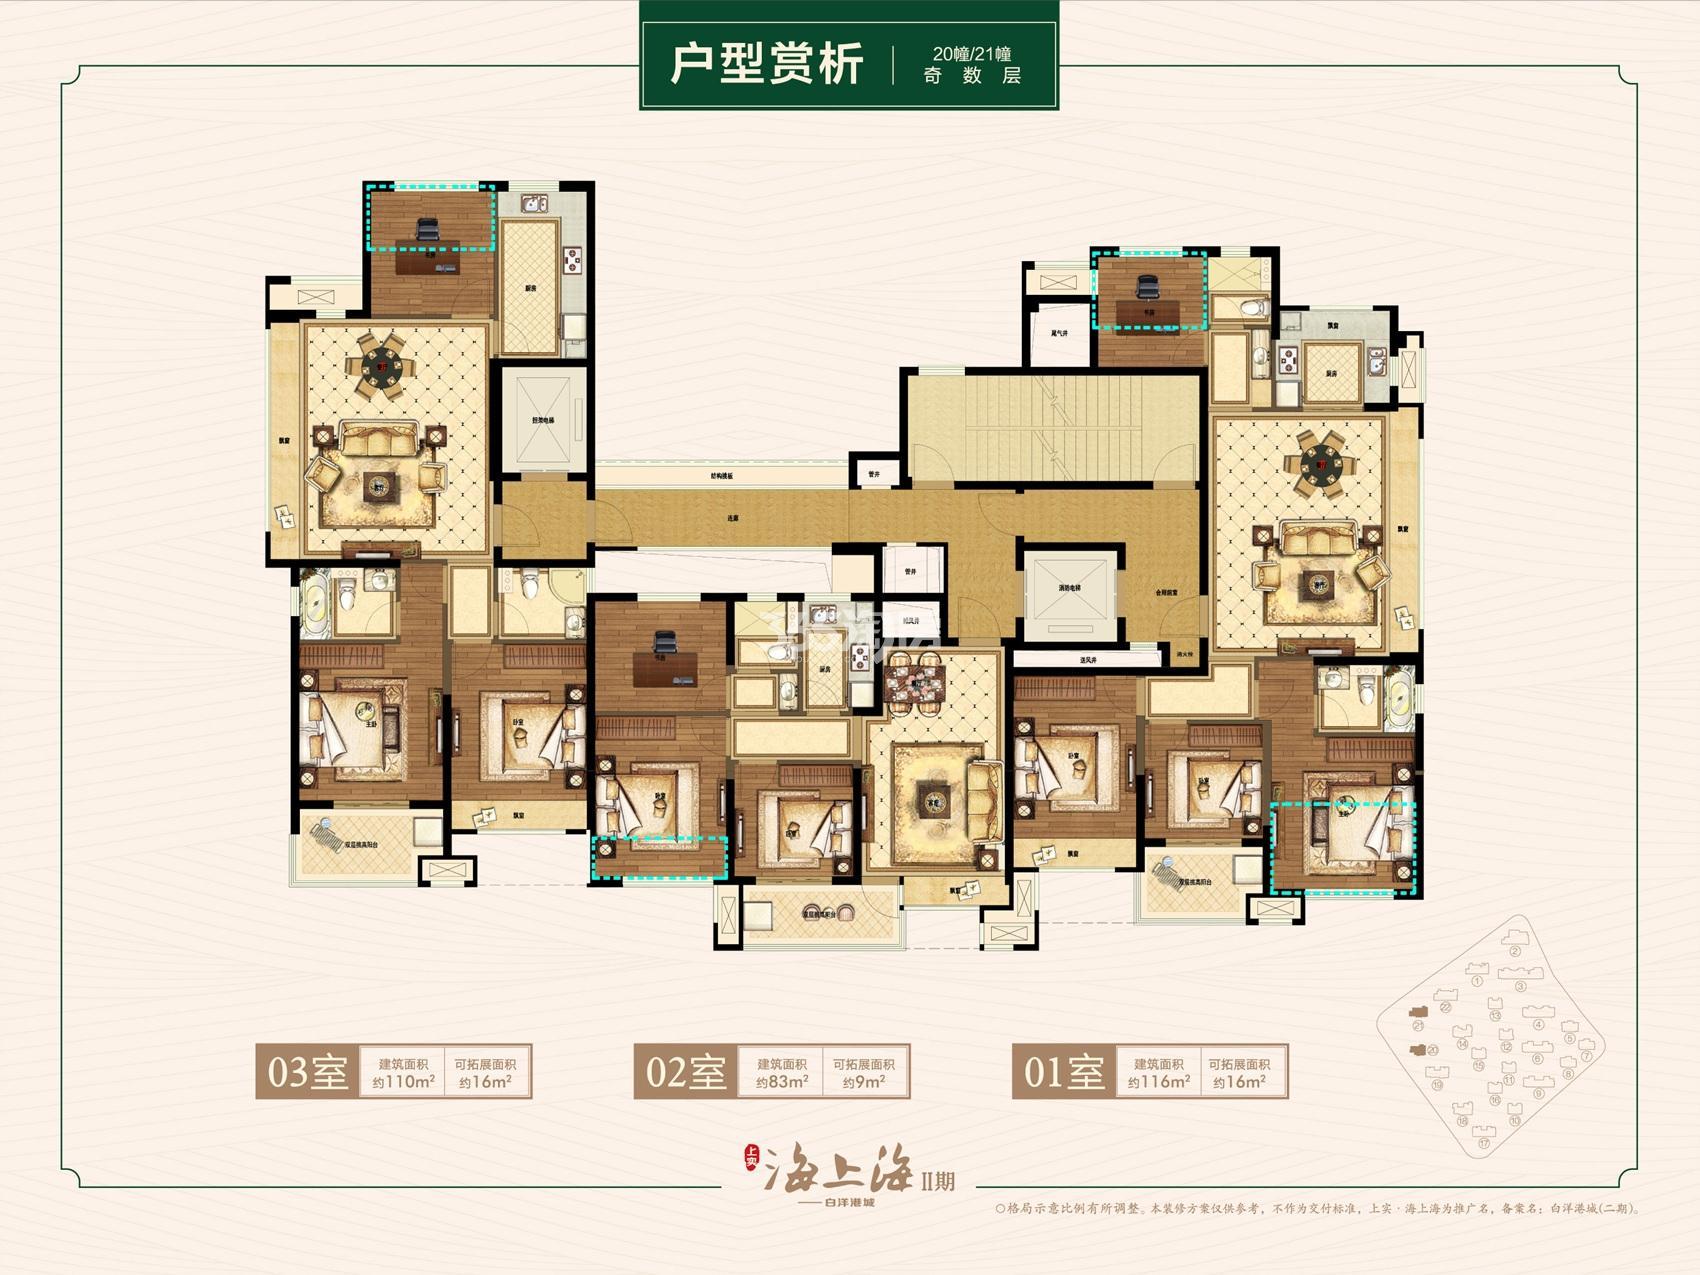 上实海上海二期20、21号楼奇数层户型 110+83+116㎡